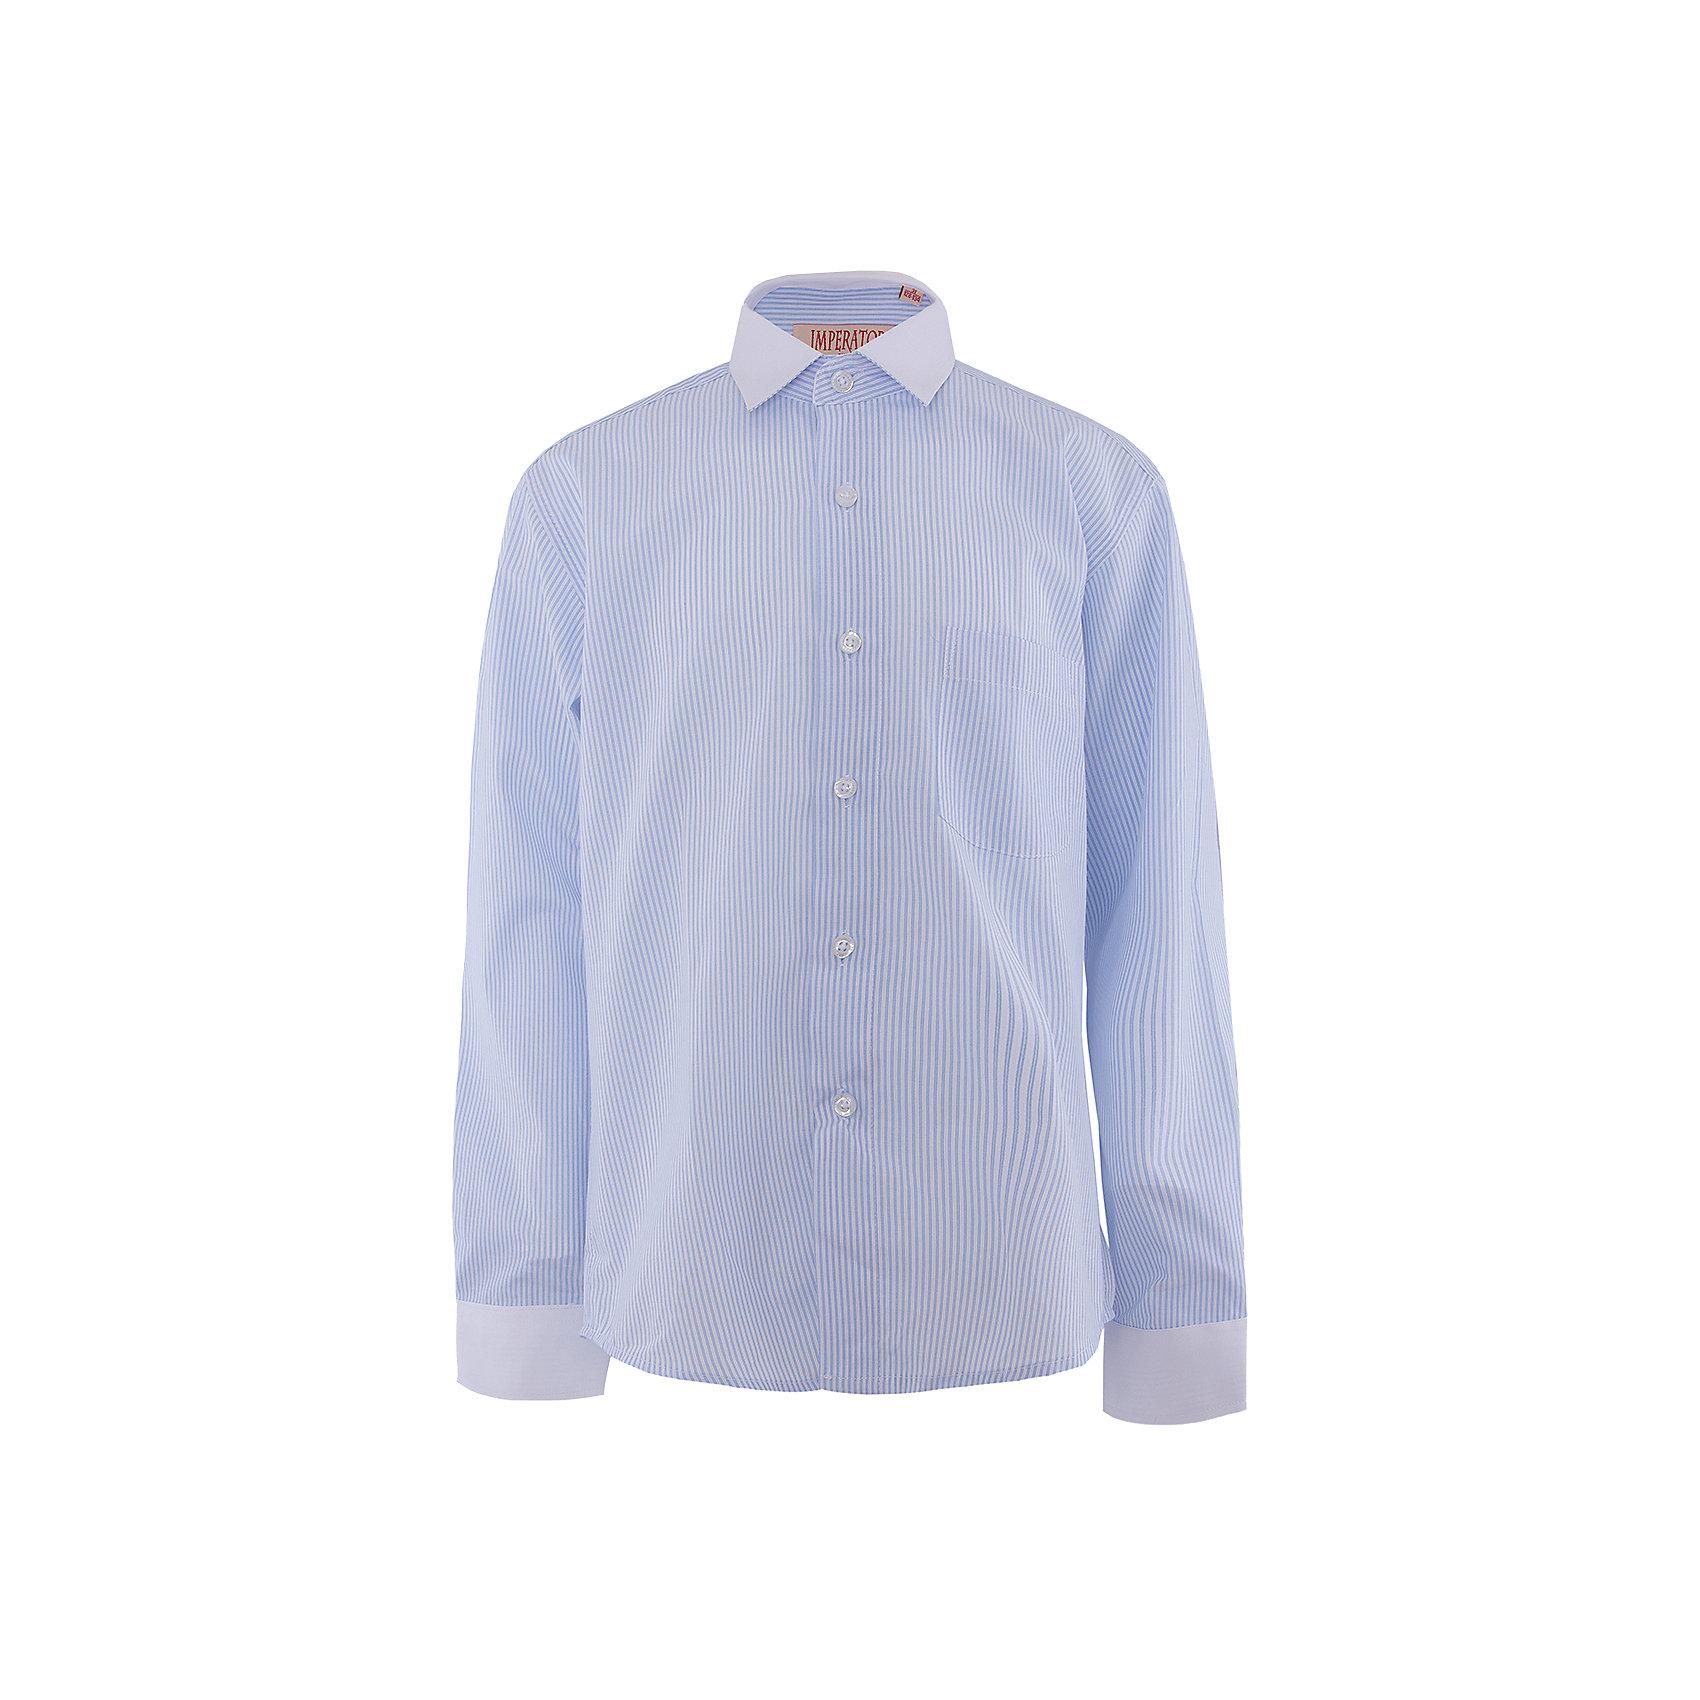 Рубашка для мальчика ImperatorКлассическая рубашка - неотьемлемая вещь в гардеробе. Модель на пуговицах, с отложным воротником. Свободный покрой не стеснит движений и позволит чувствовать себя комфортно каждый день.  Состав 65 % хл. 35% П/Э<br><br>Ширина мм: 174<br>Глубина мм: 10<br>Высота мм: 169<br>Вес г: 157<br>Цвет: голубой<br>Возраст от месяцев: 132<br>Возраст до месяцев: 144<br>Пол: Мужской<br>Возраст: Детский<br>Размер: 146/152,164/170,122/128,128/134,134/140,140/146,152/158,158/164<br>SKU: 4749414